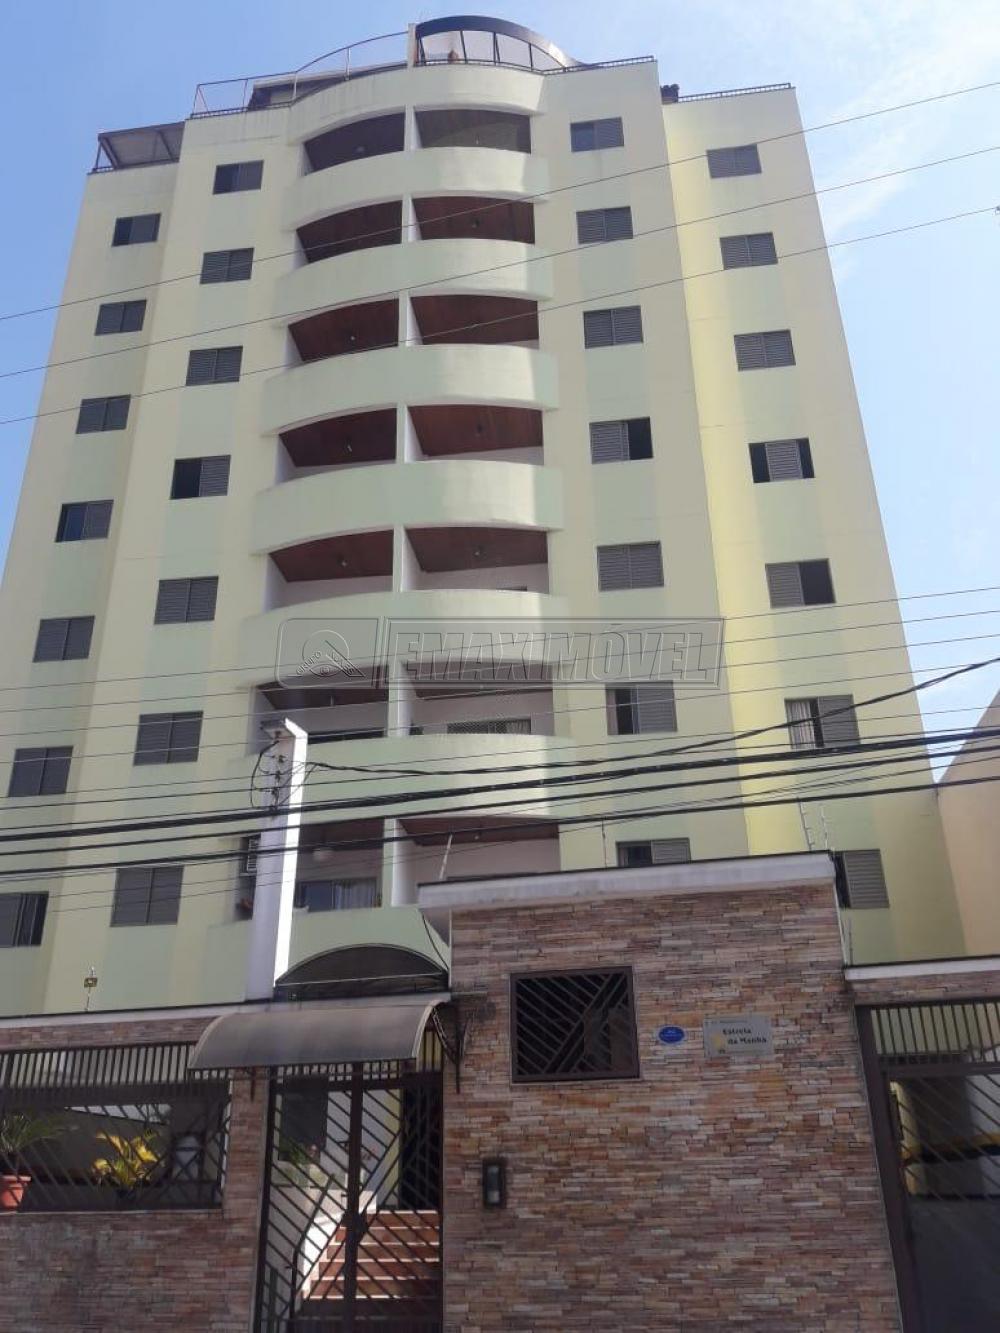 Alugar Apartamentos / Apto Padrão em Sorocaba apenas R$ 4.000,00 - Foto 1